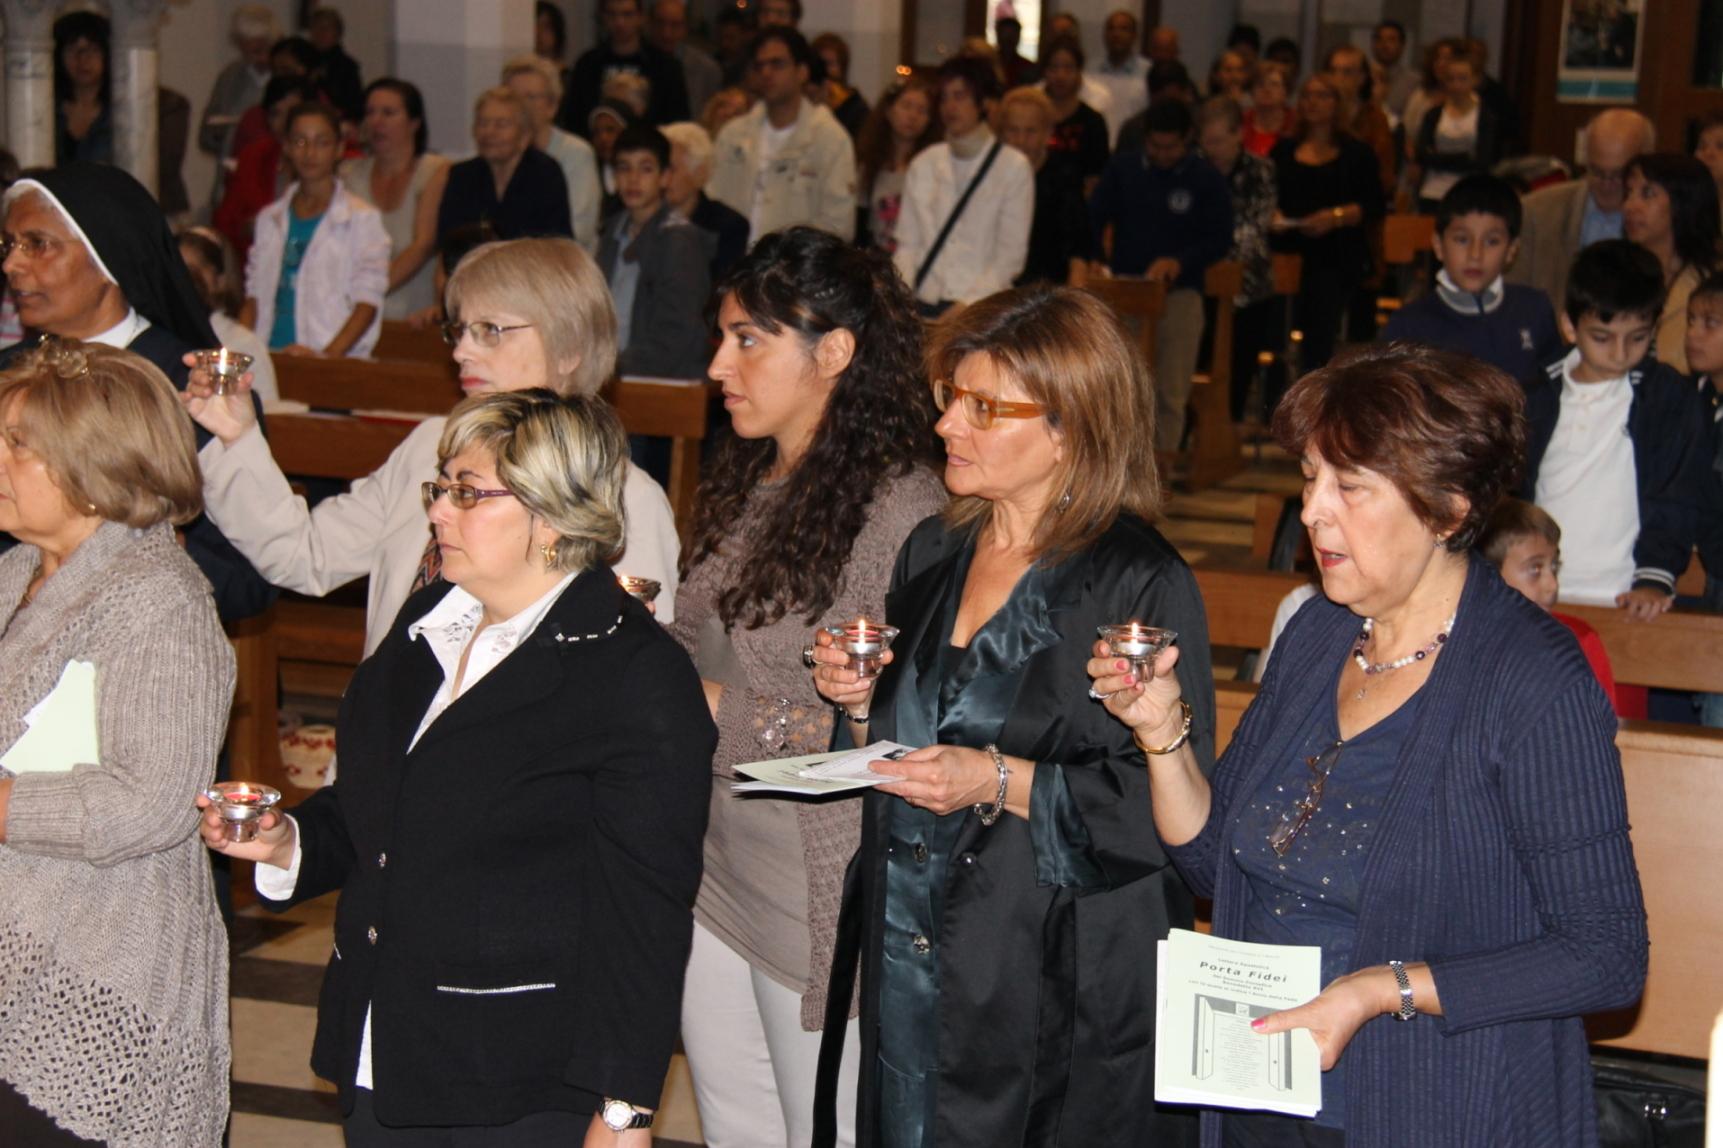 inaugurazione_anno_catechistico_e_anno_della_fede_2012-10-07-11-33-36